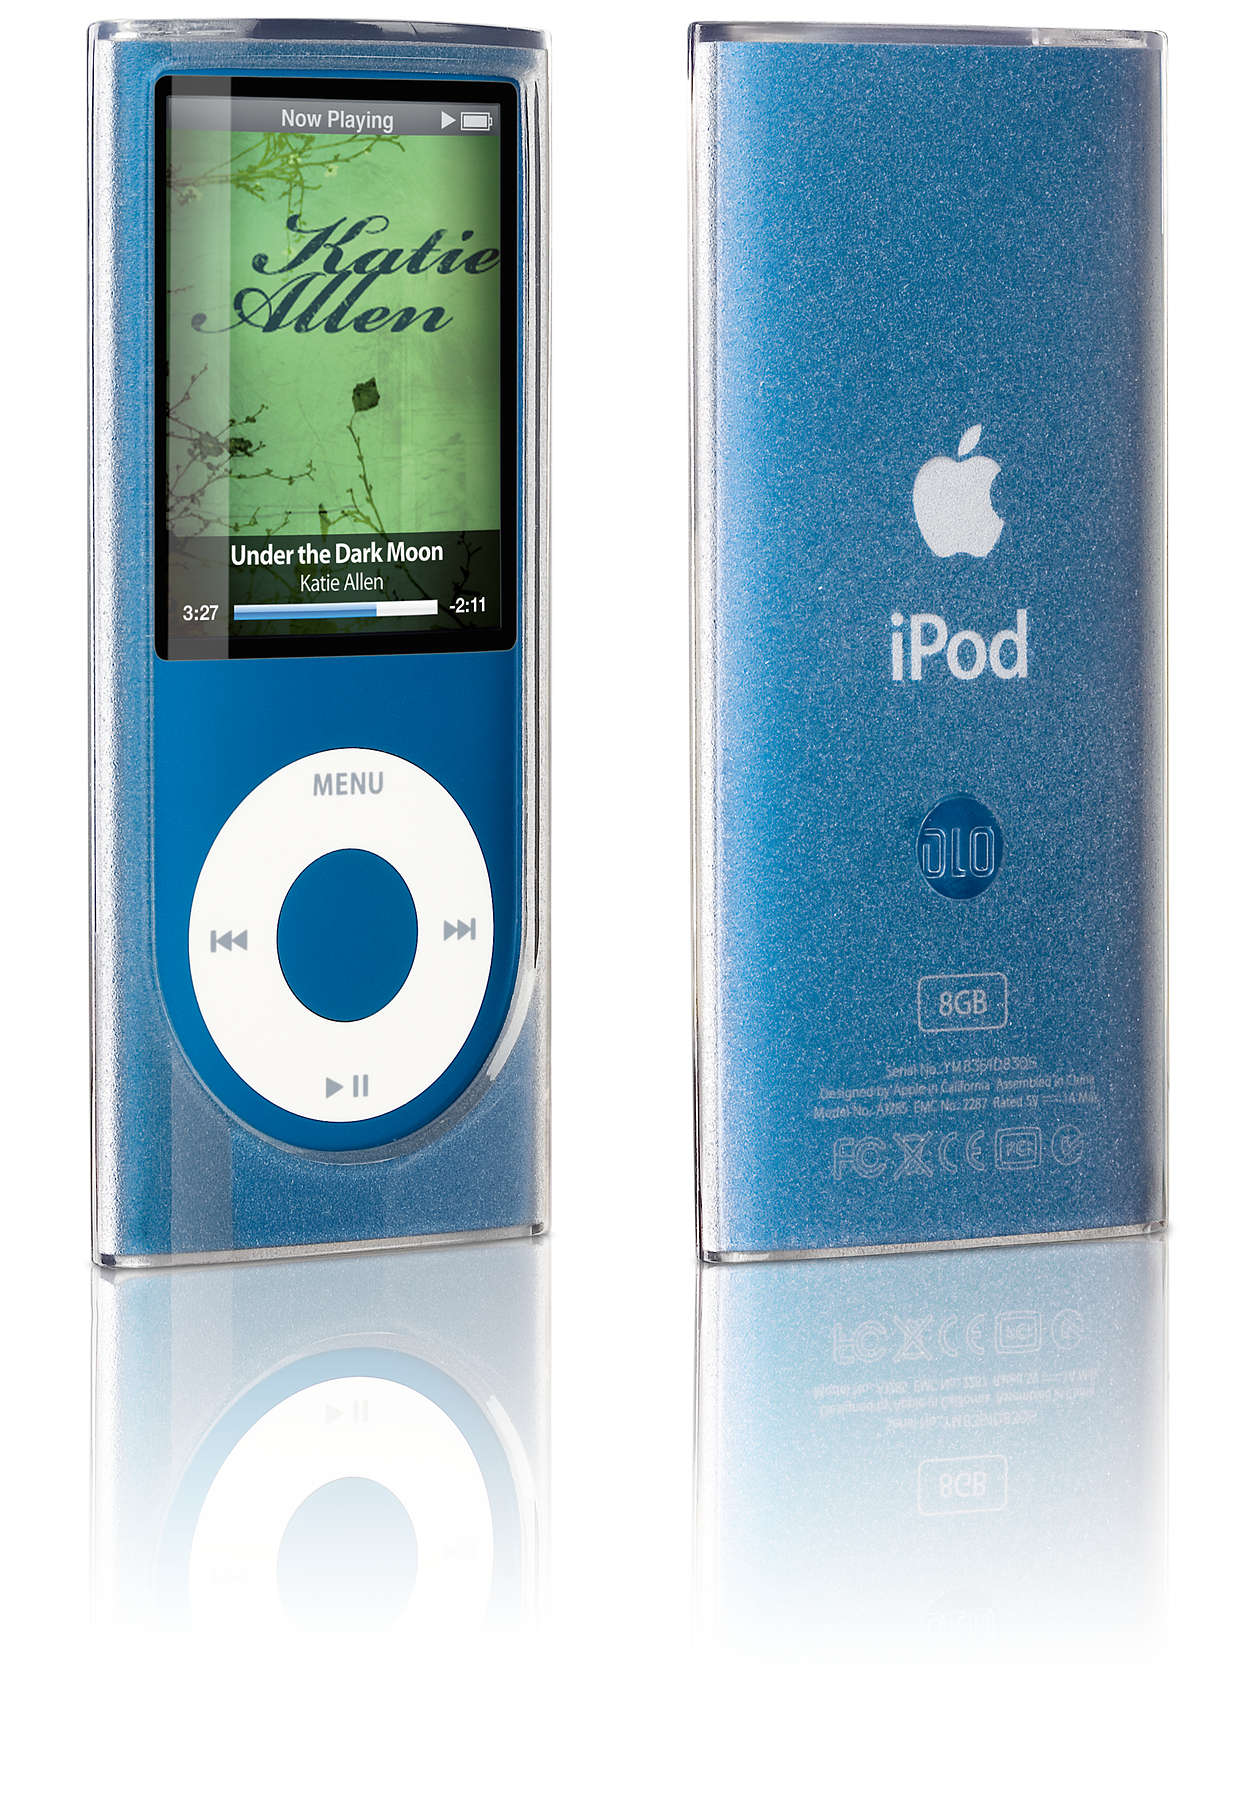 Proteggi il tuo iPod in una custodia flessibile